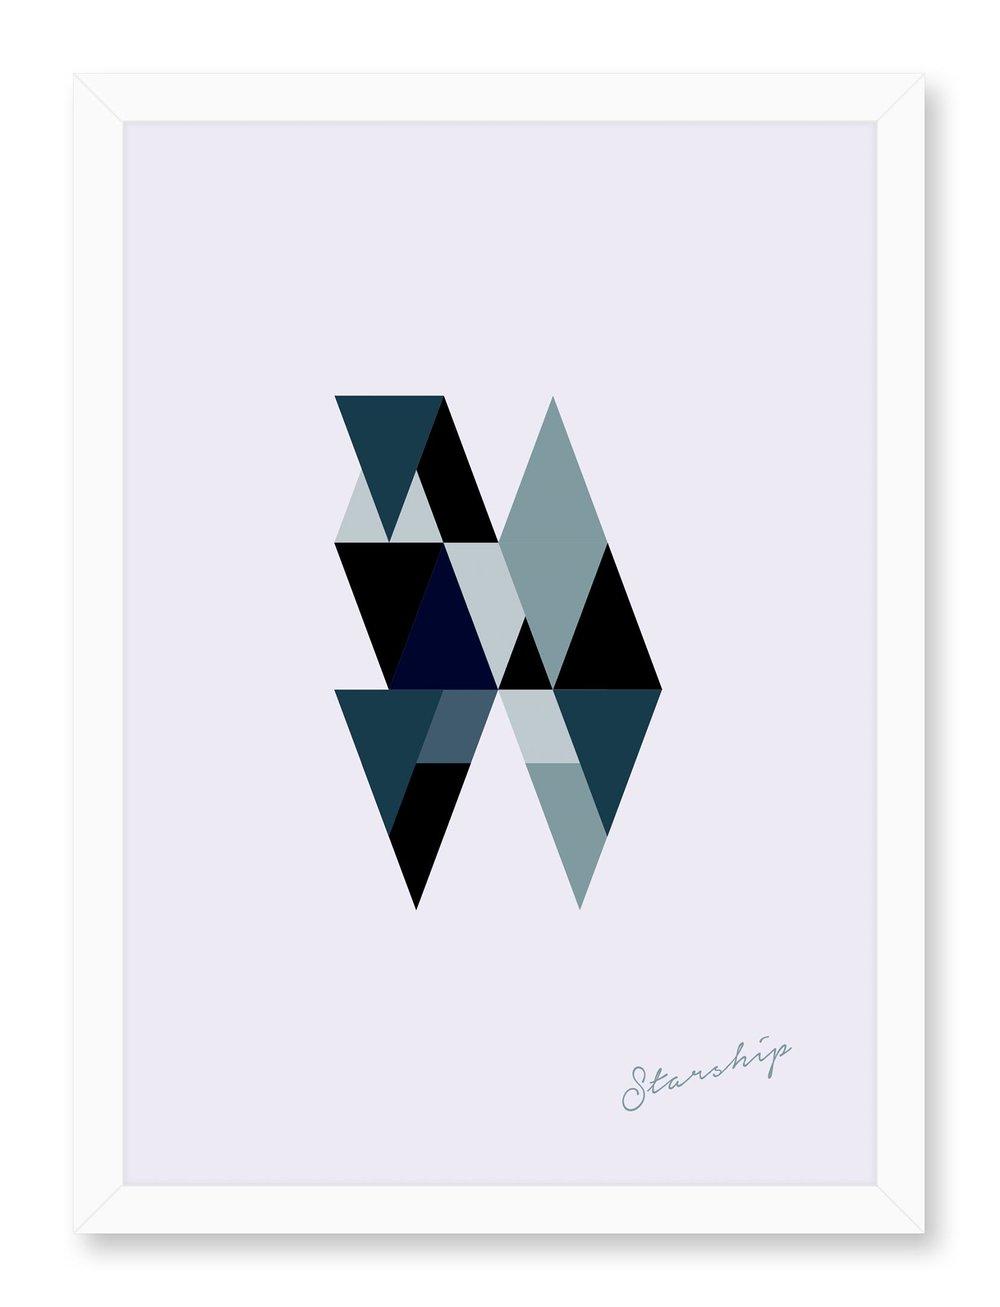 starship_blue_white.jpg